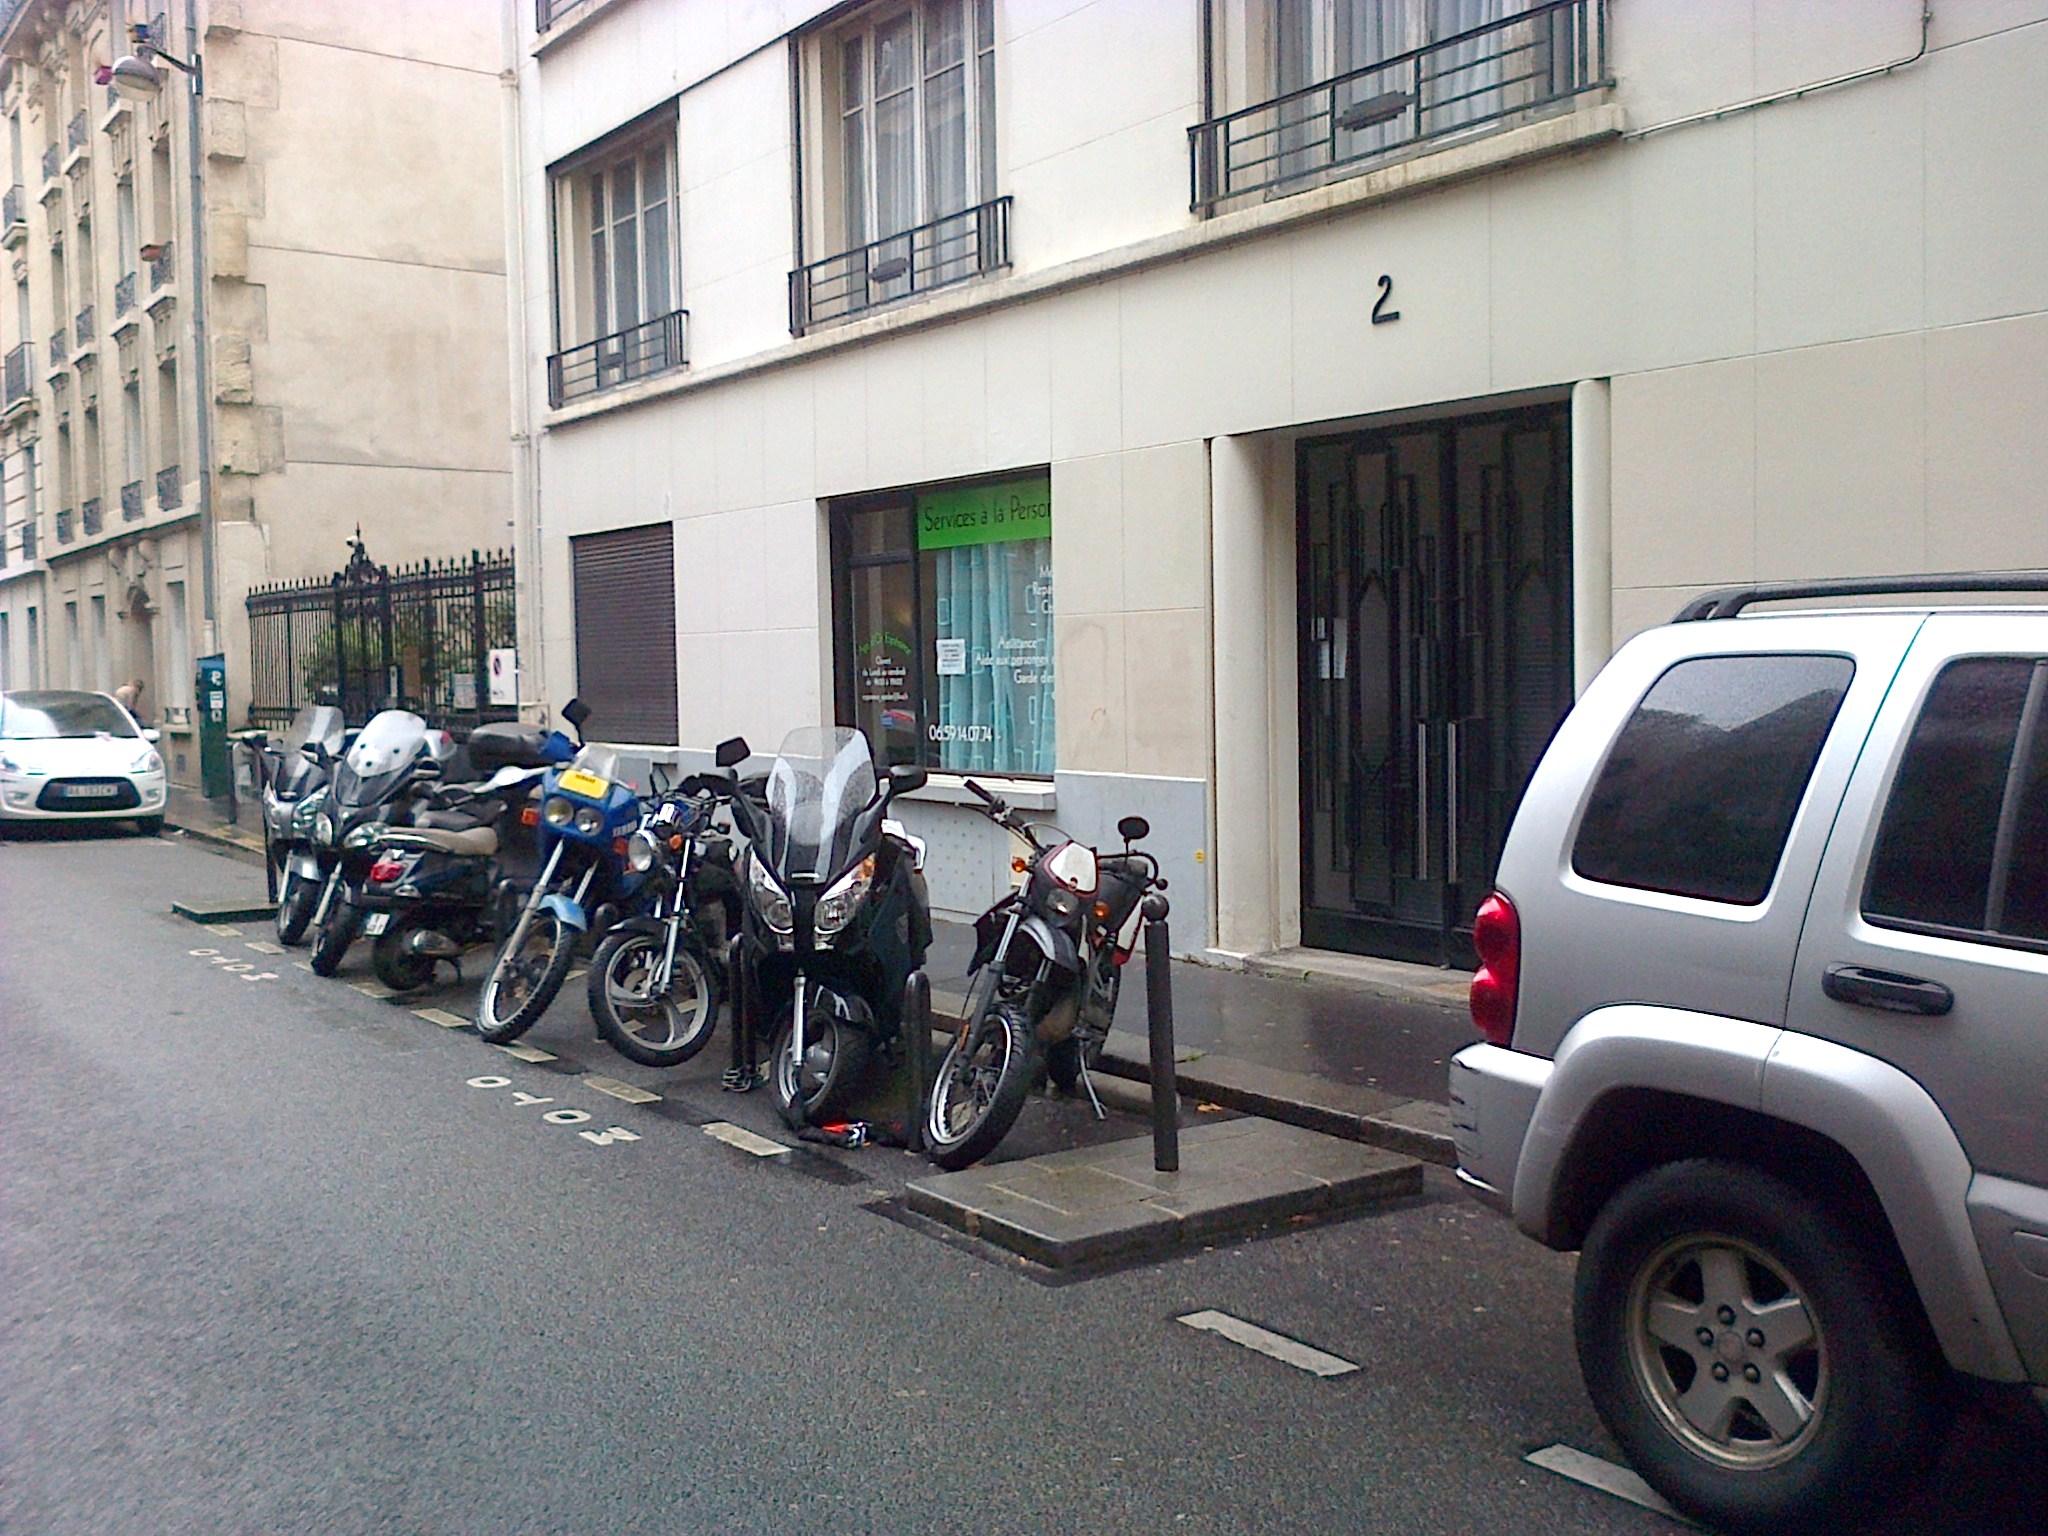 img-20130918-00252 16ème arrondissement